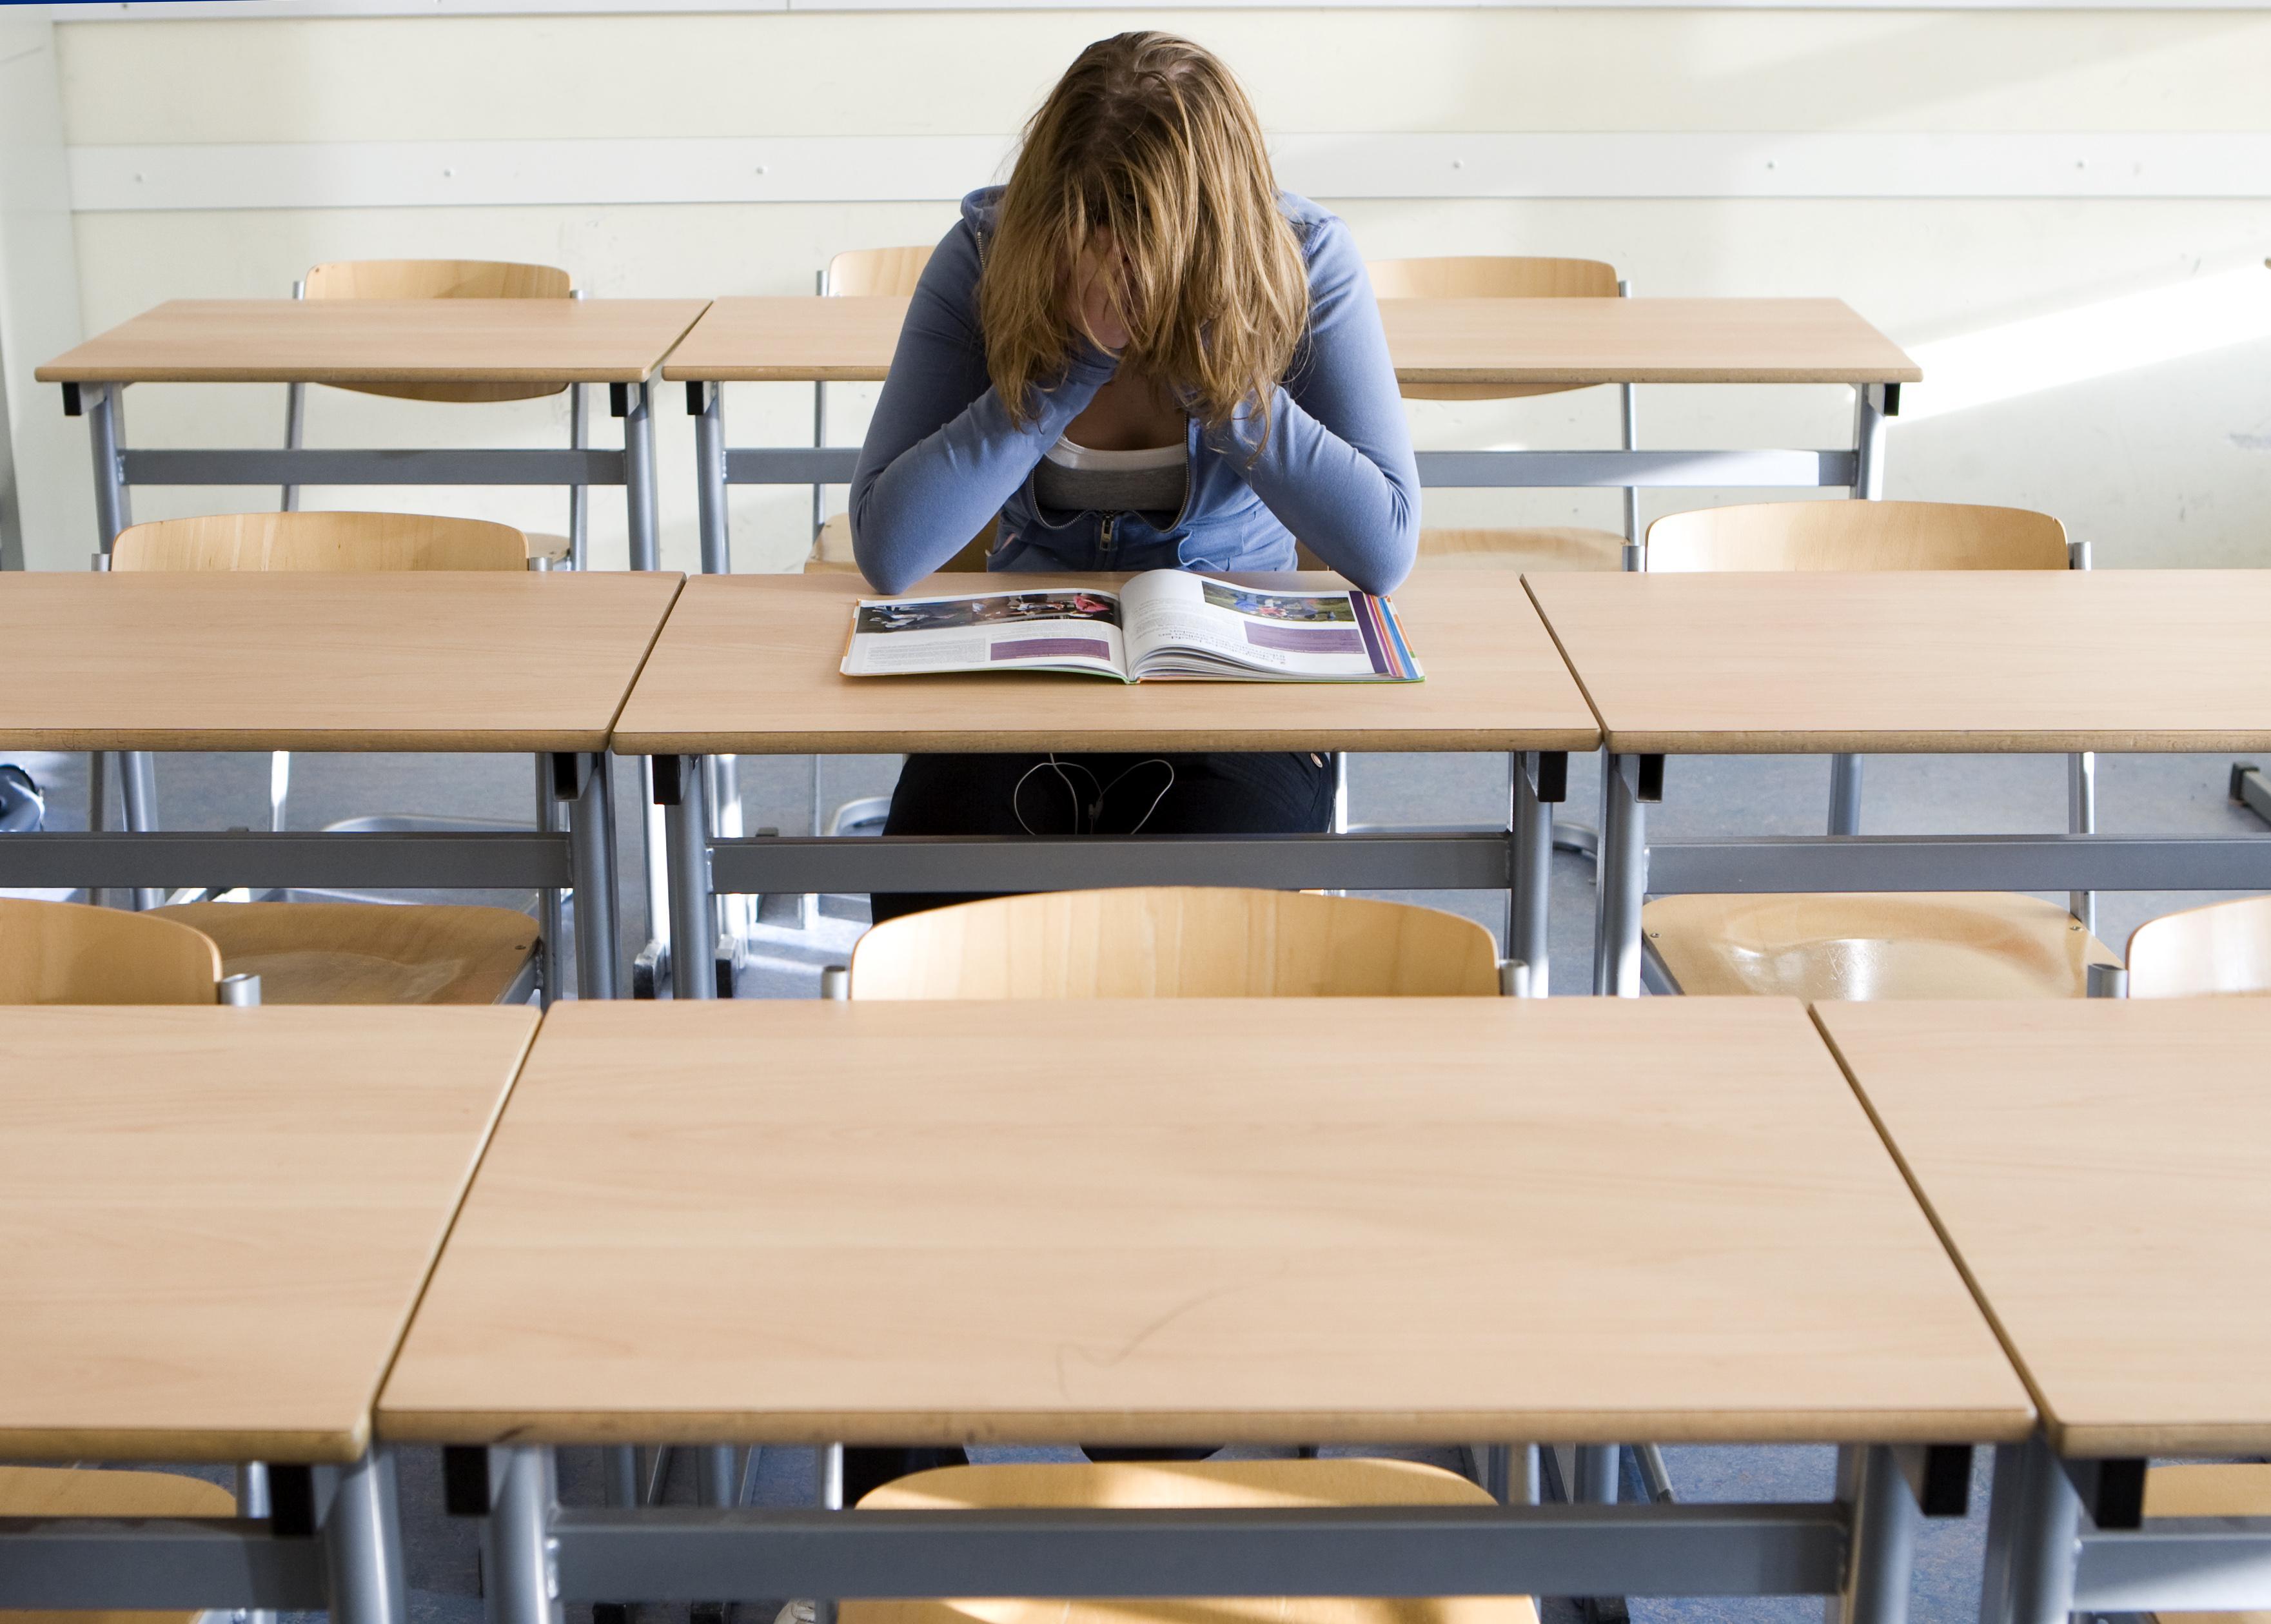 De kinderen verpieteren, middelbare scholen moeten alles op alles zetten voor meer les op school | Opinie